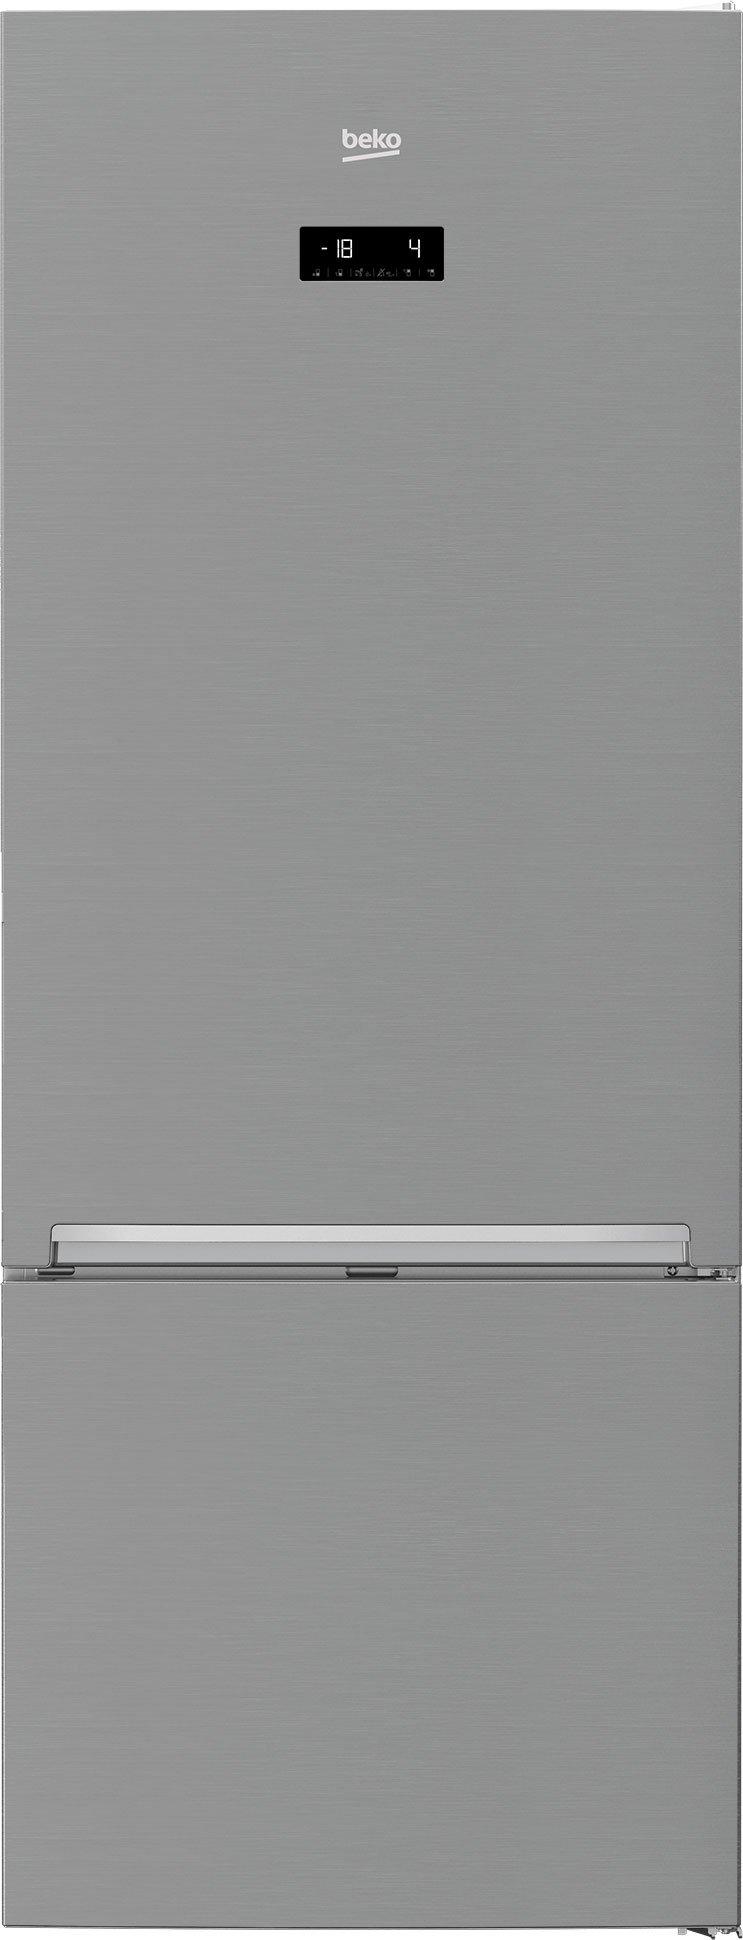 Холодильники beko: критерии выбора, уникальные технологии, обзор лучших моделей